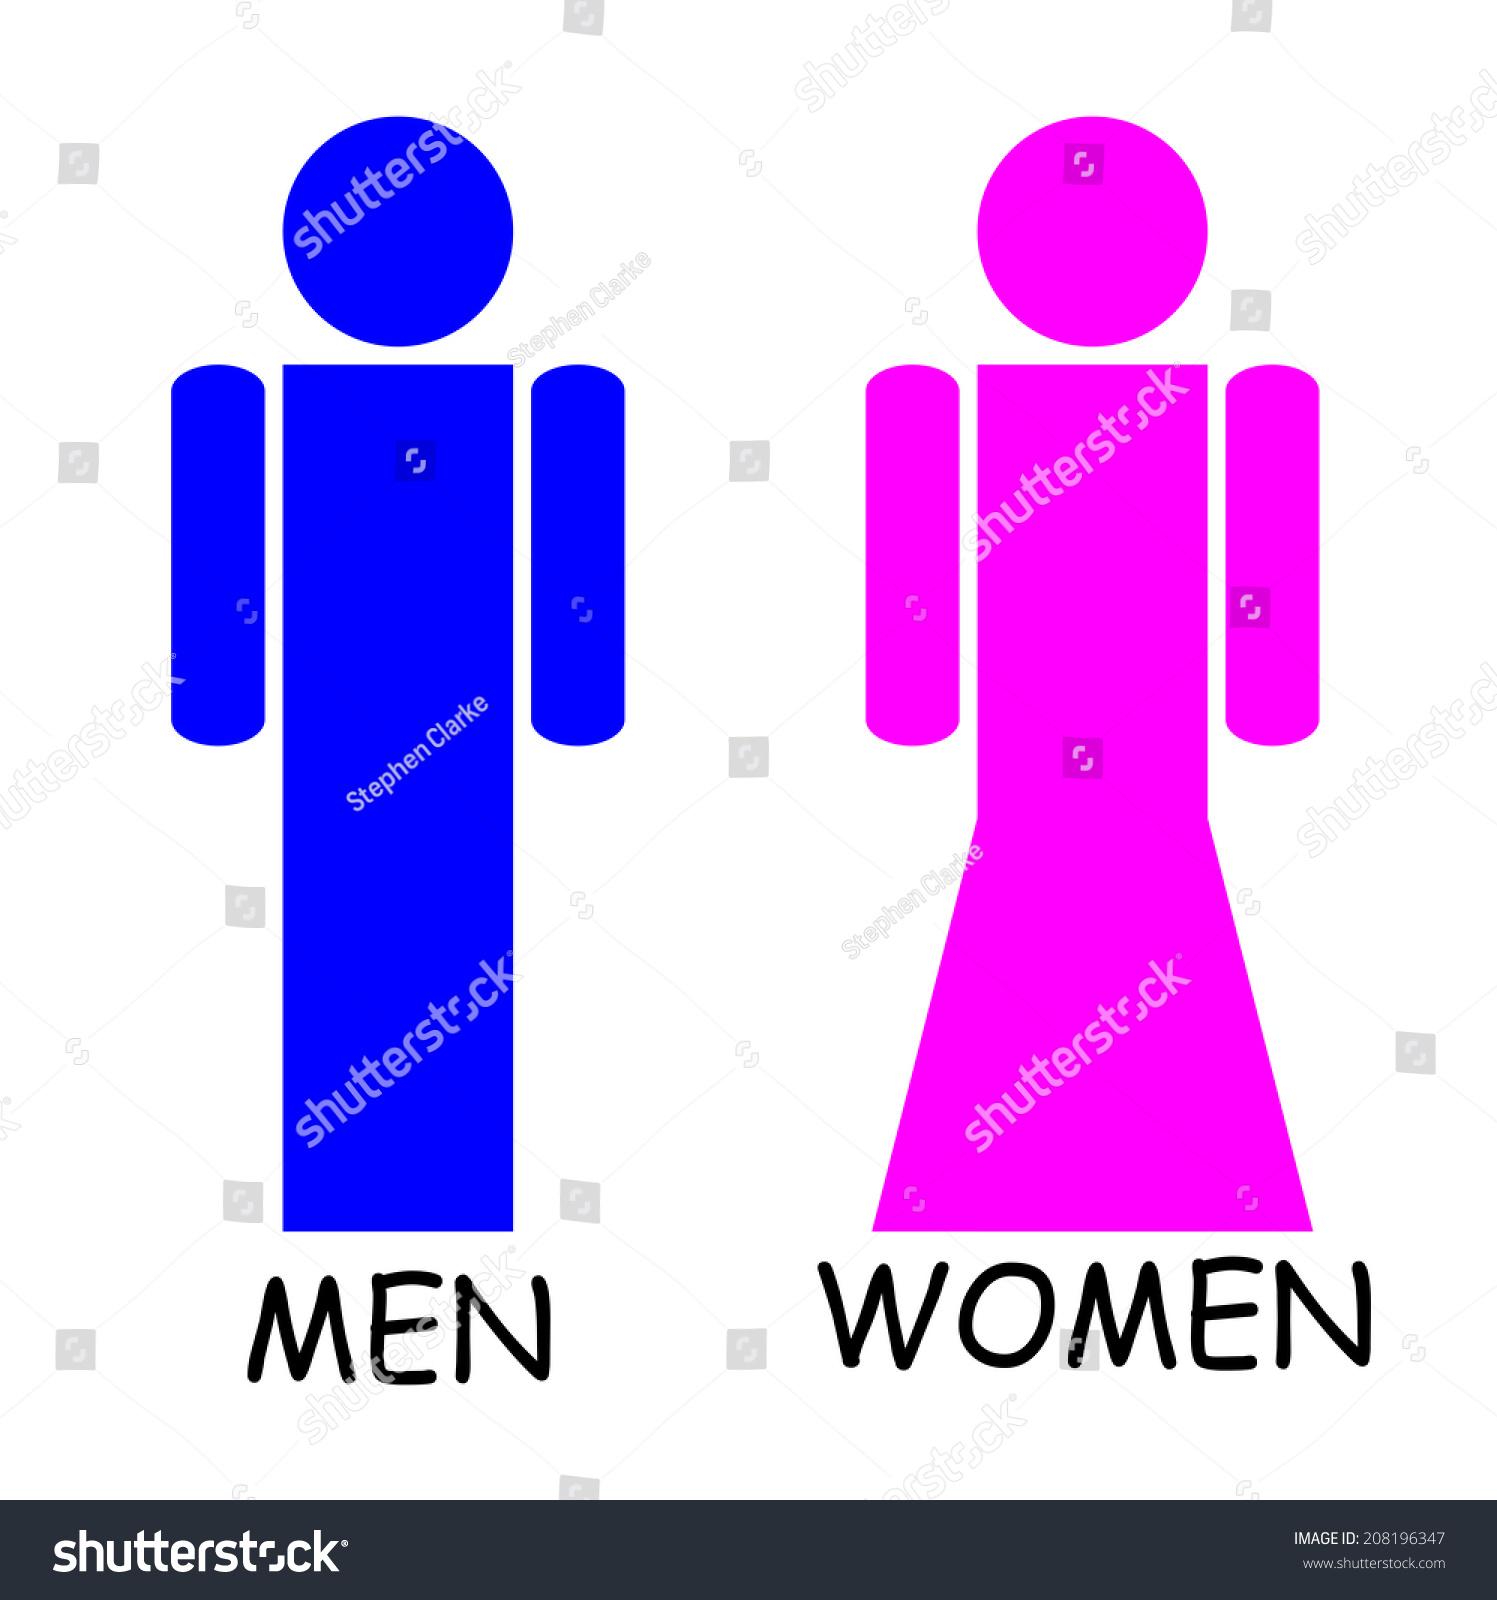 男女厕所的迹象——粉色和蓝色-符号/标志